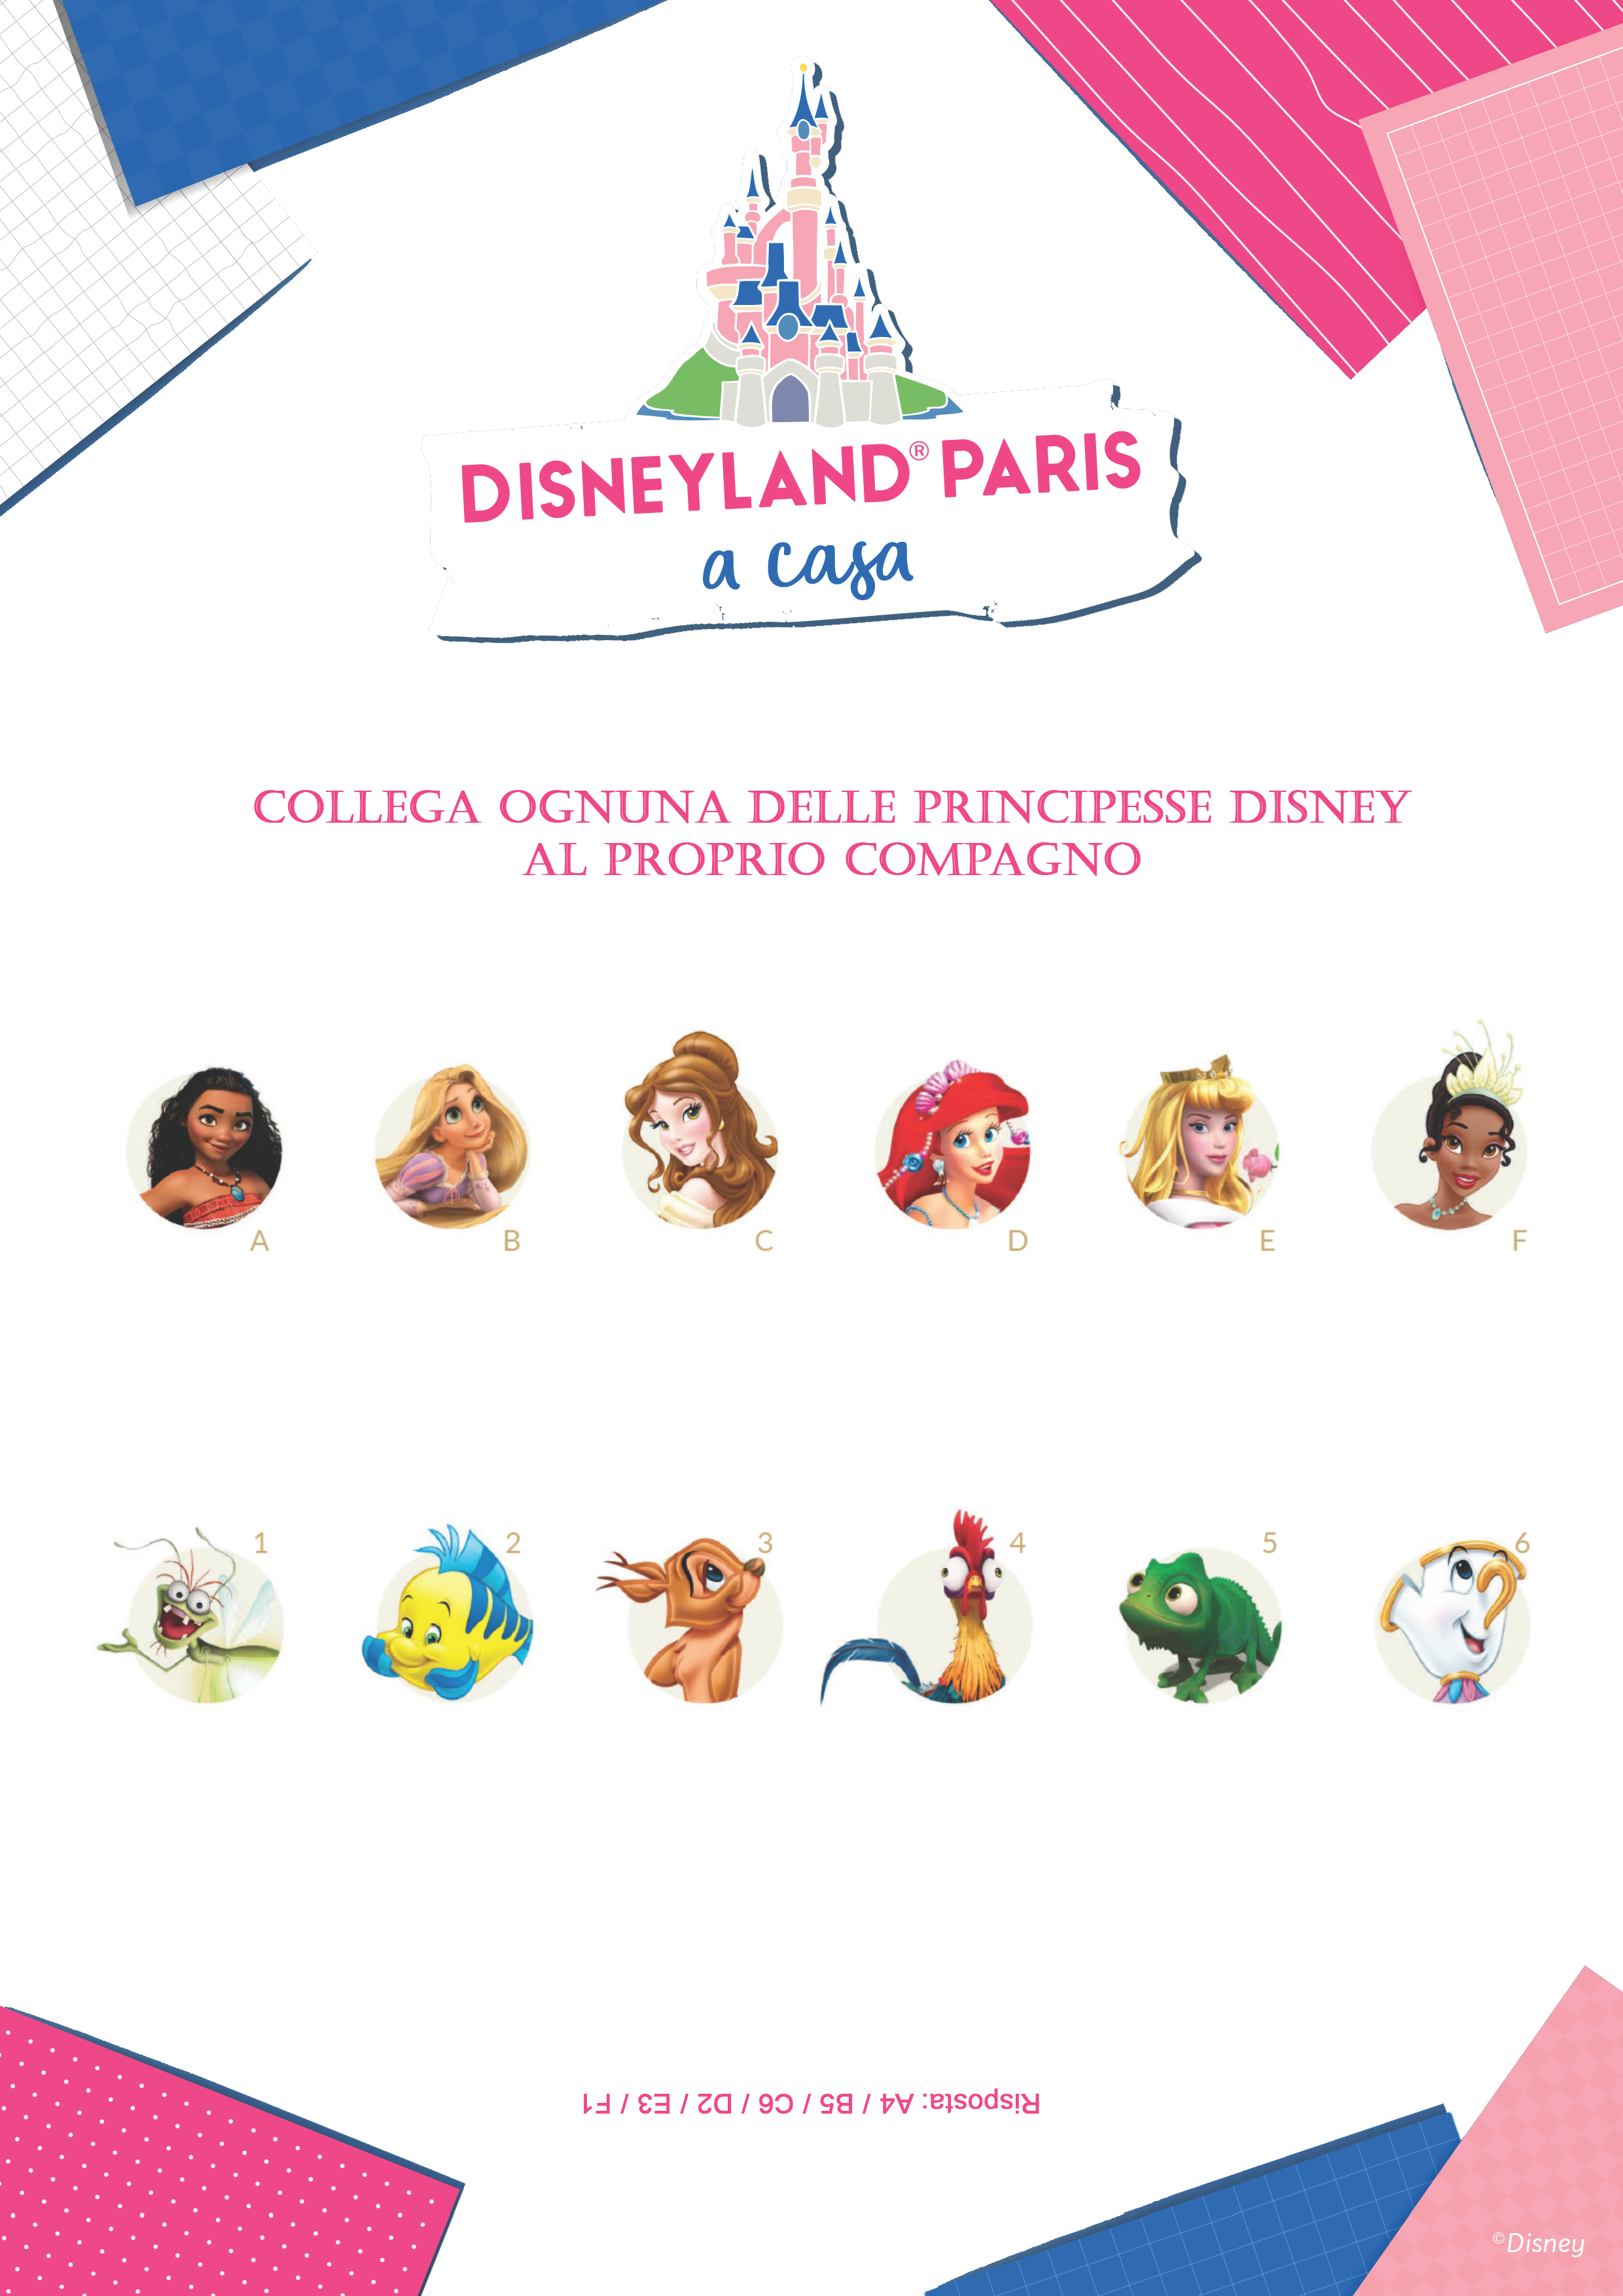 Collega ognuna delle Principesse Disney al proprio compagno